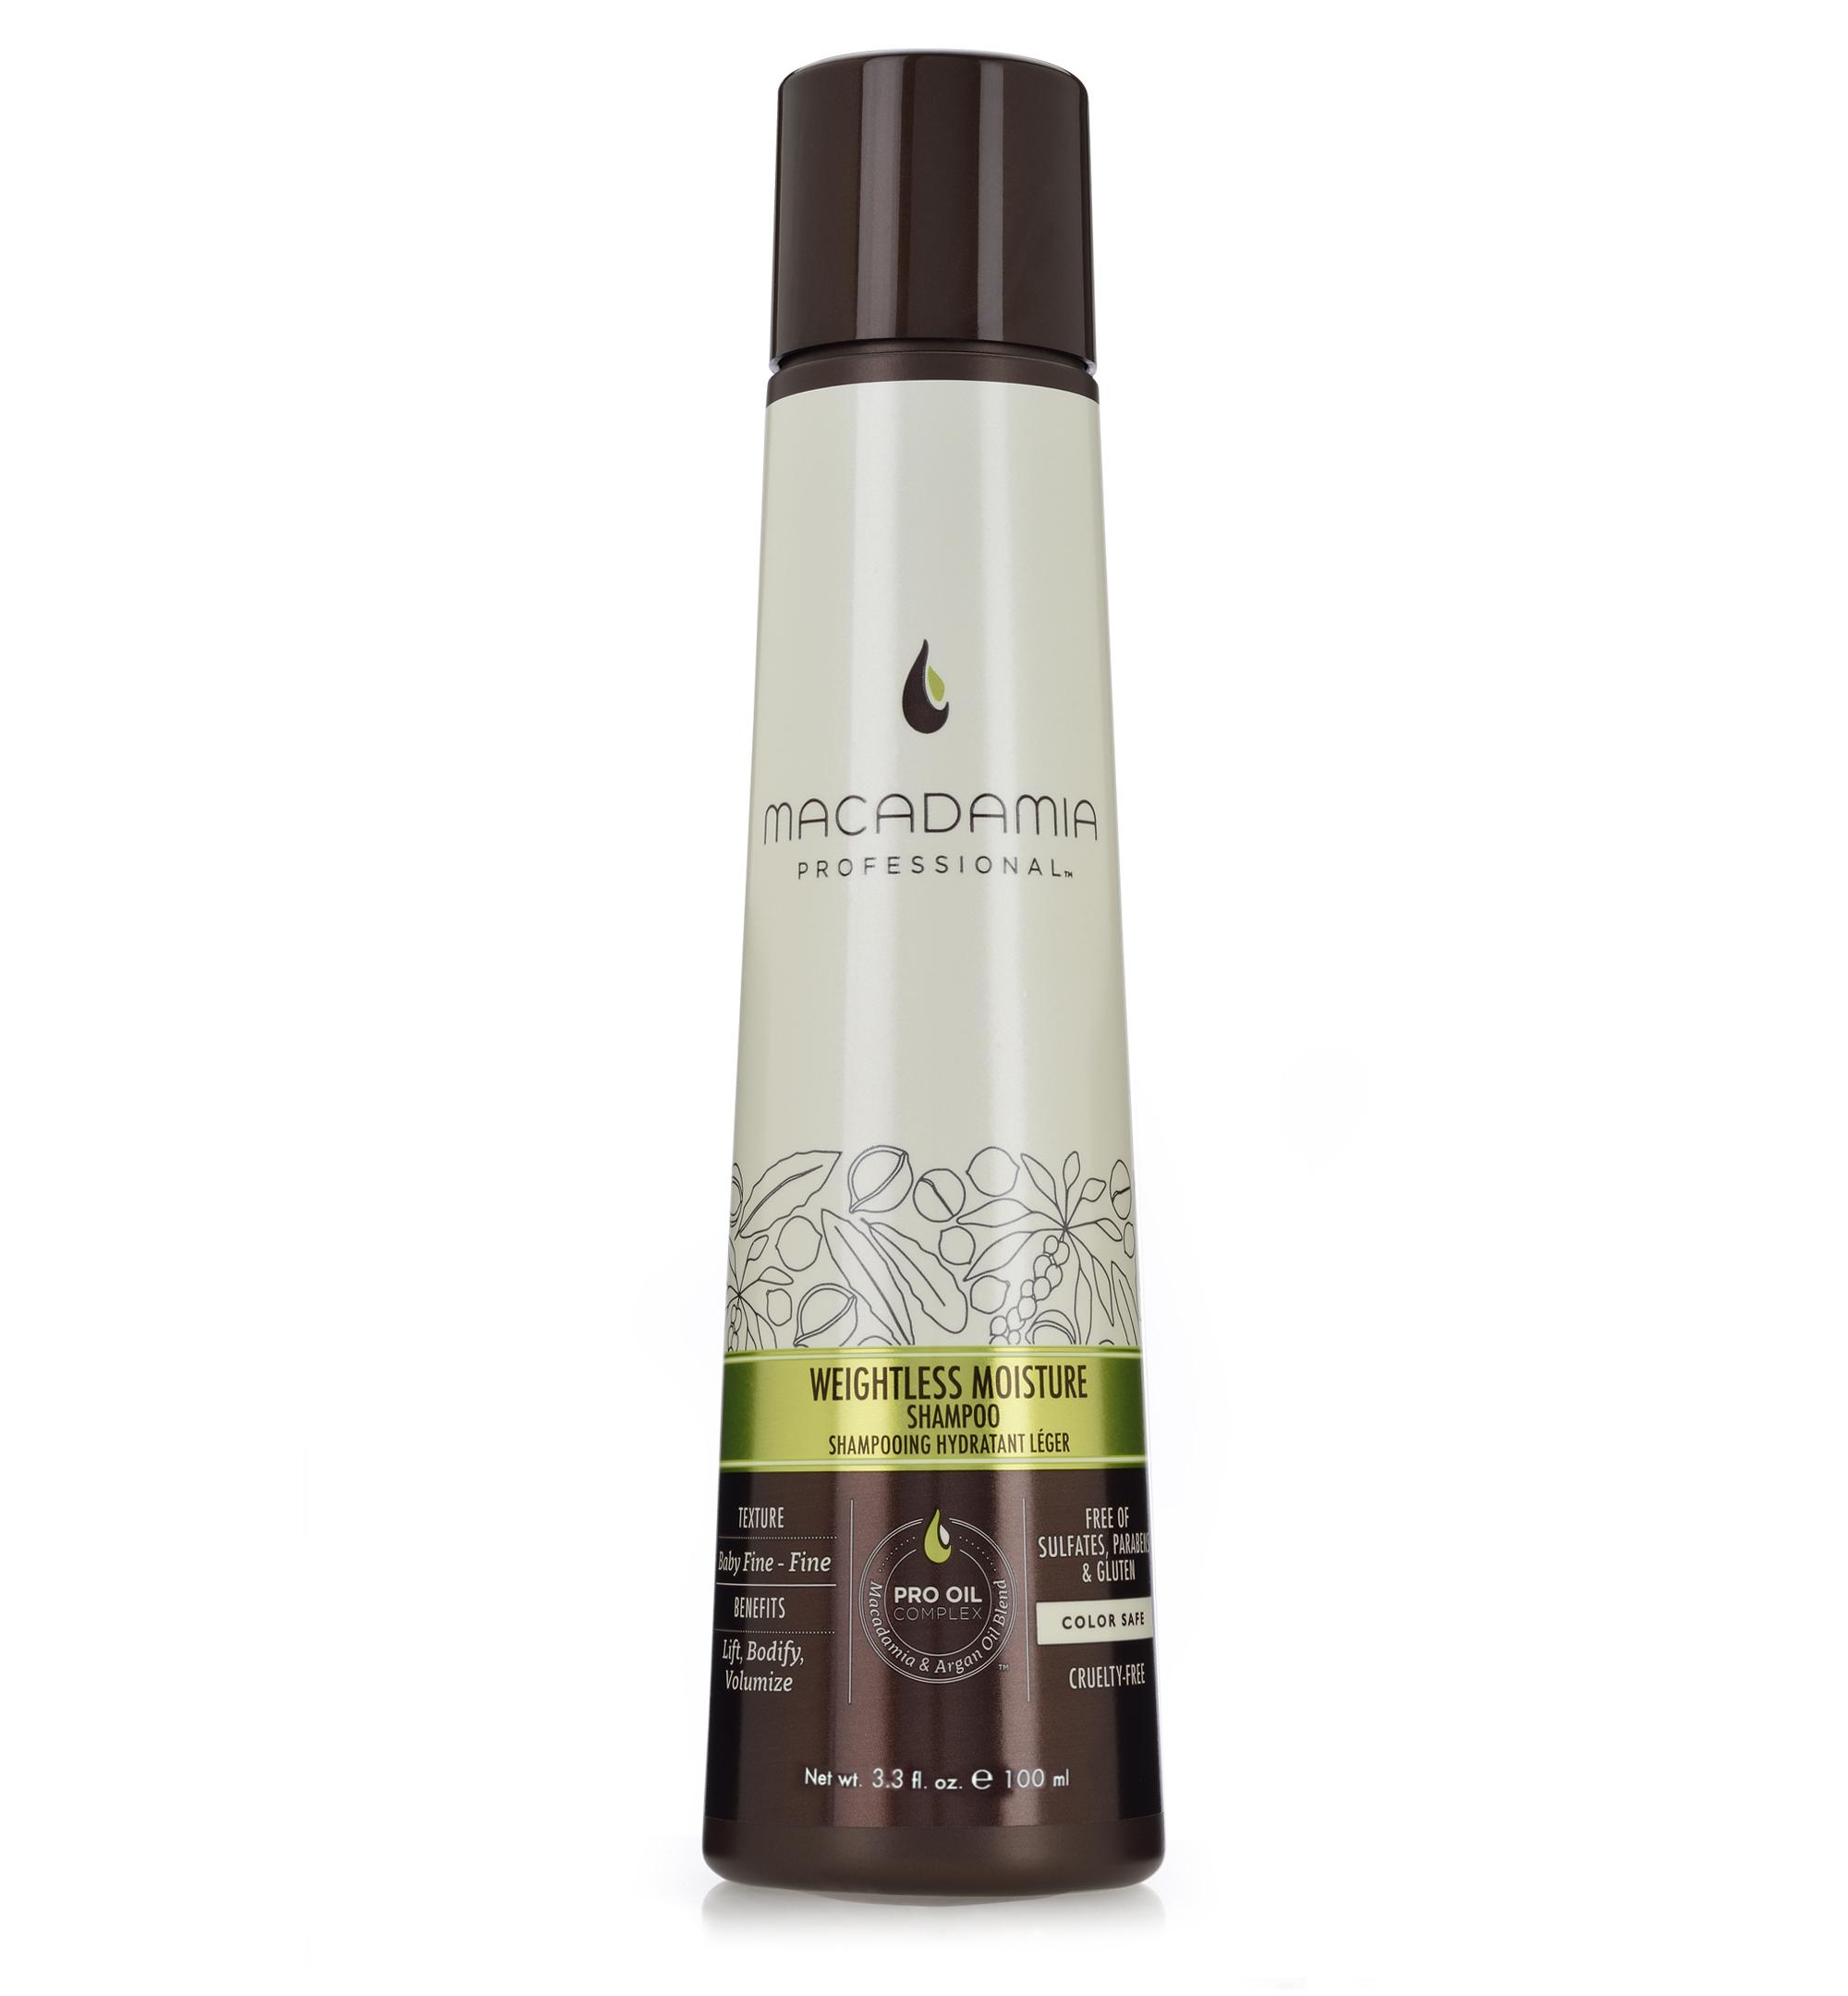 Macadamia Professional Шампунь увлажняющий для тонких волос,100 мл недорого